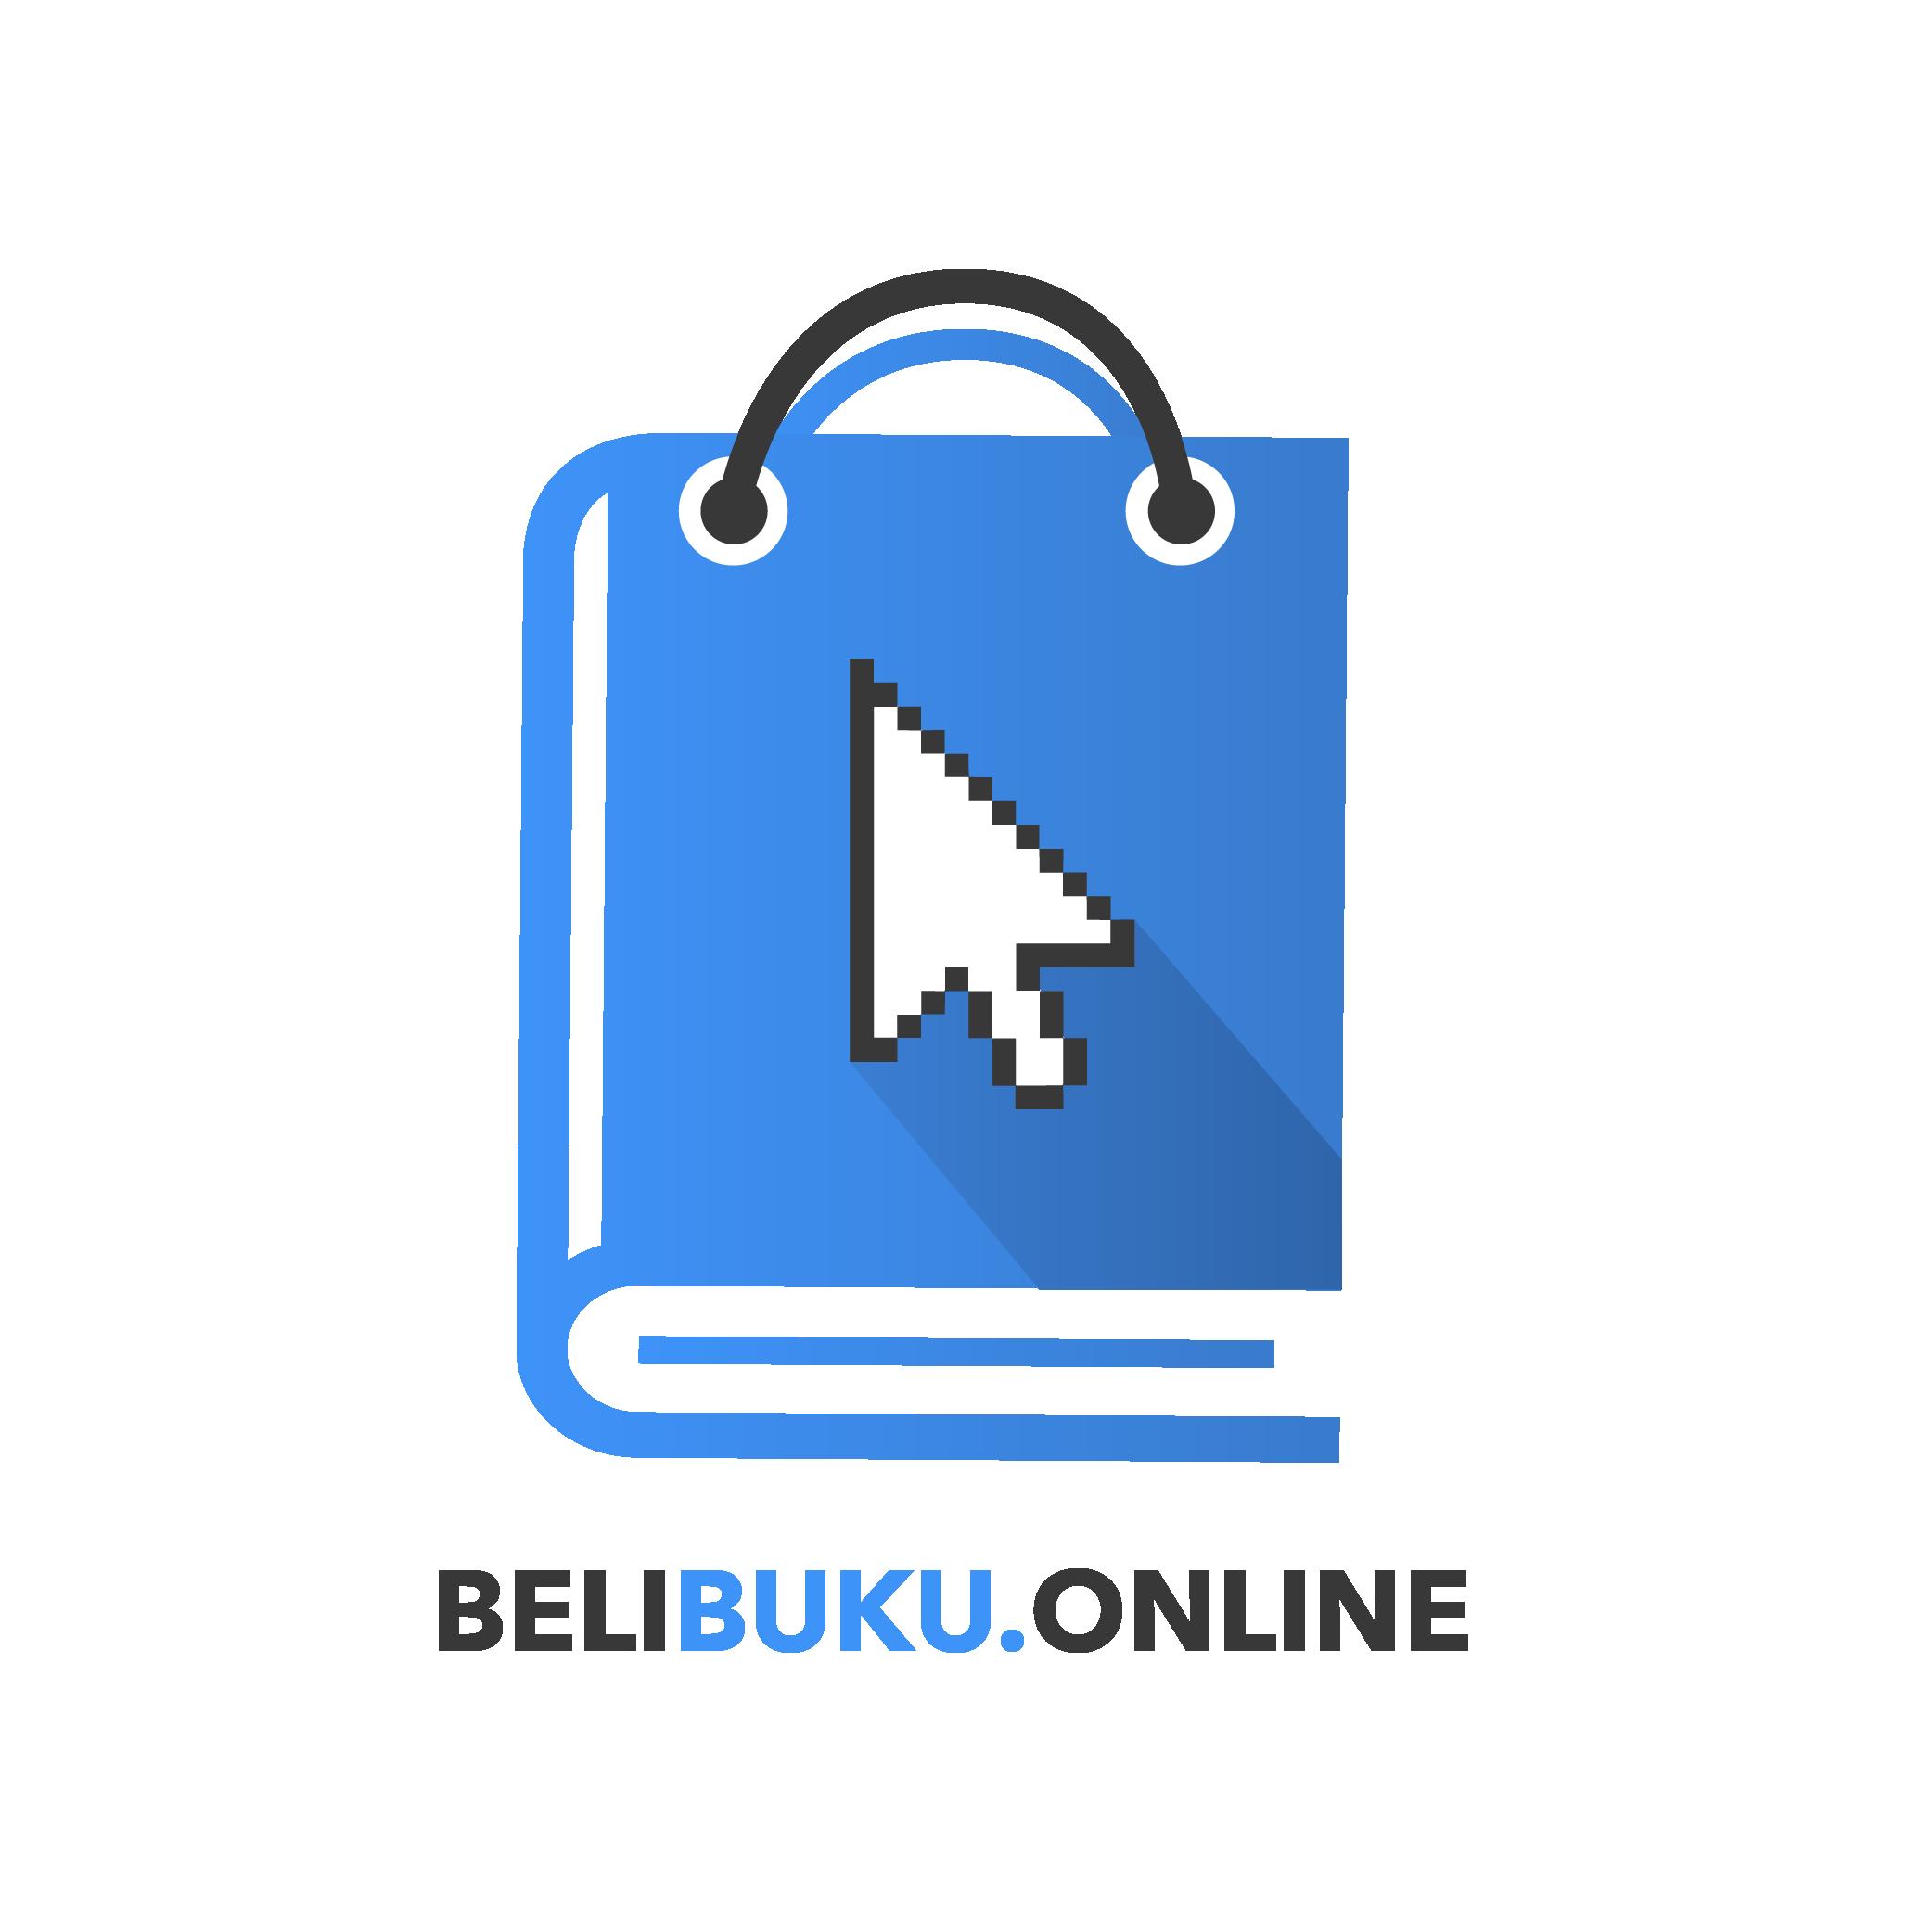 BeliBuku.Online